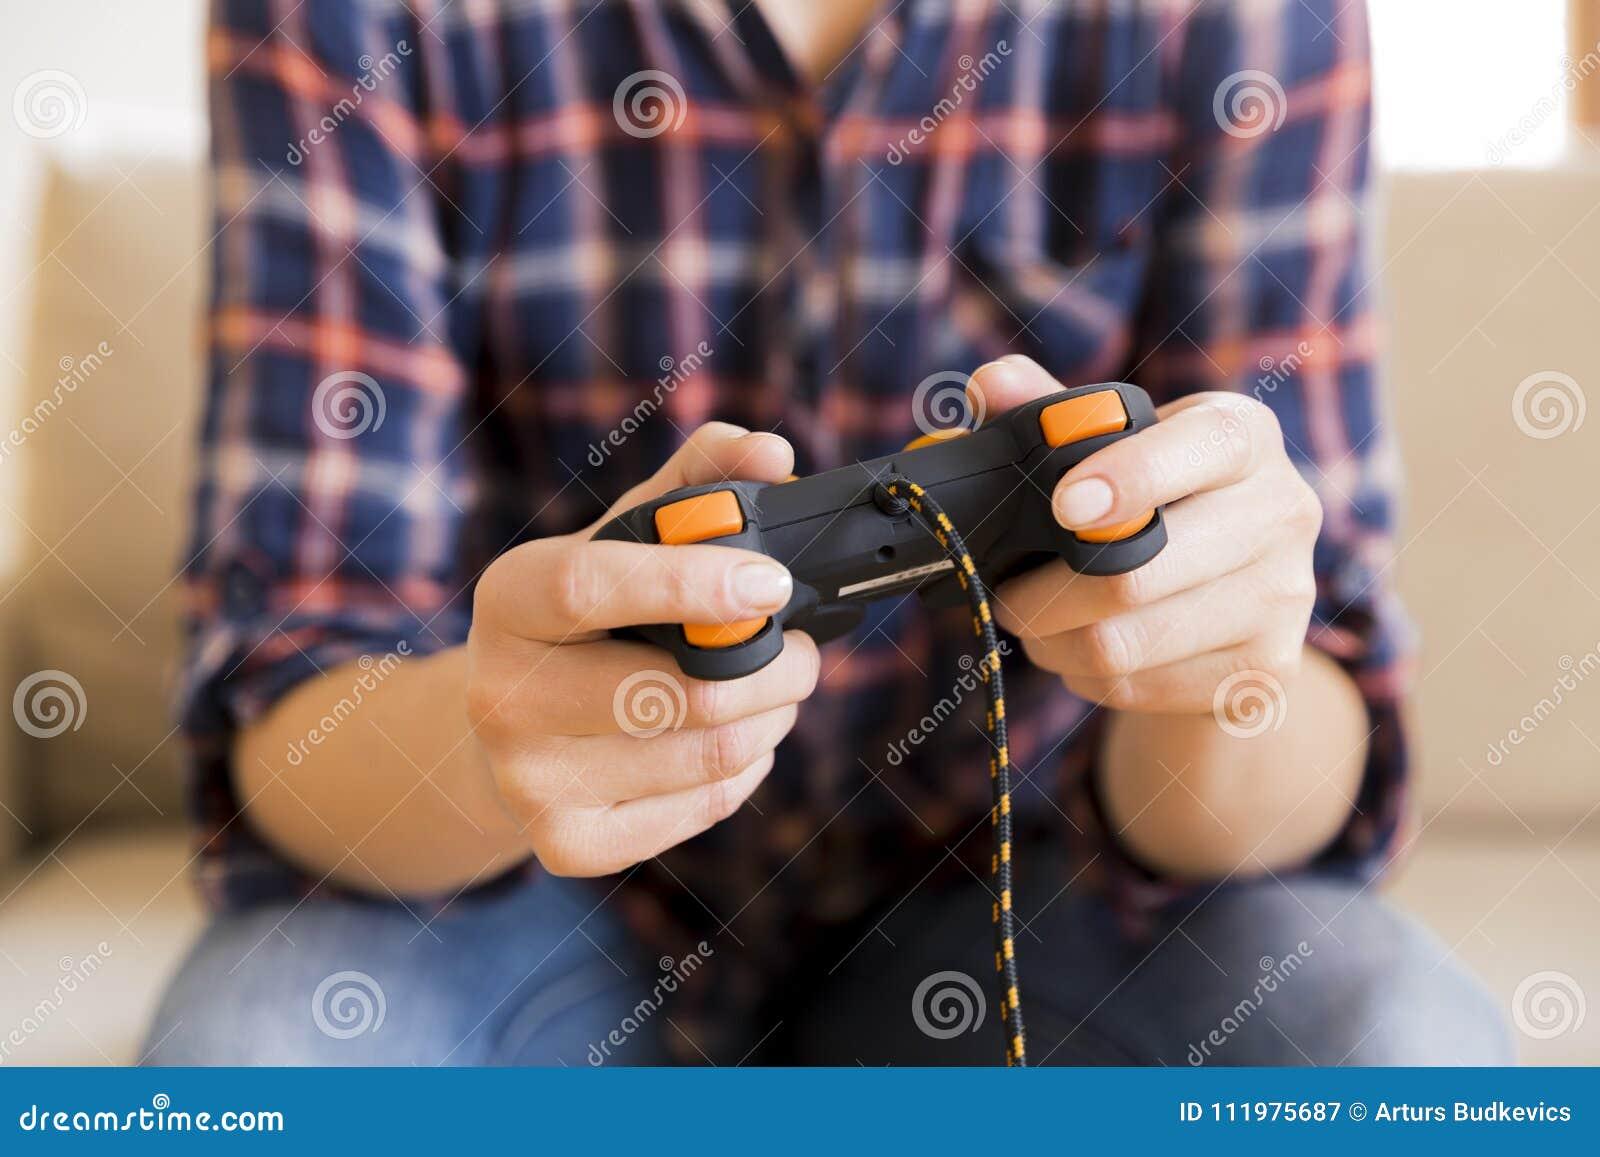 Junges Mädchen, das Steuerknüppel beim Spielen von Videospielen hält